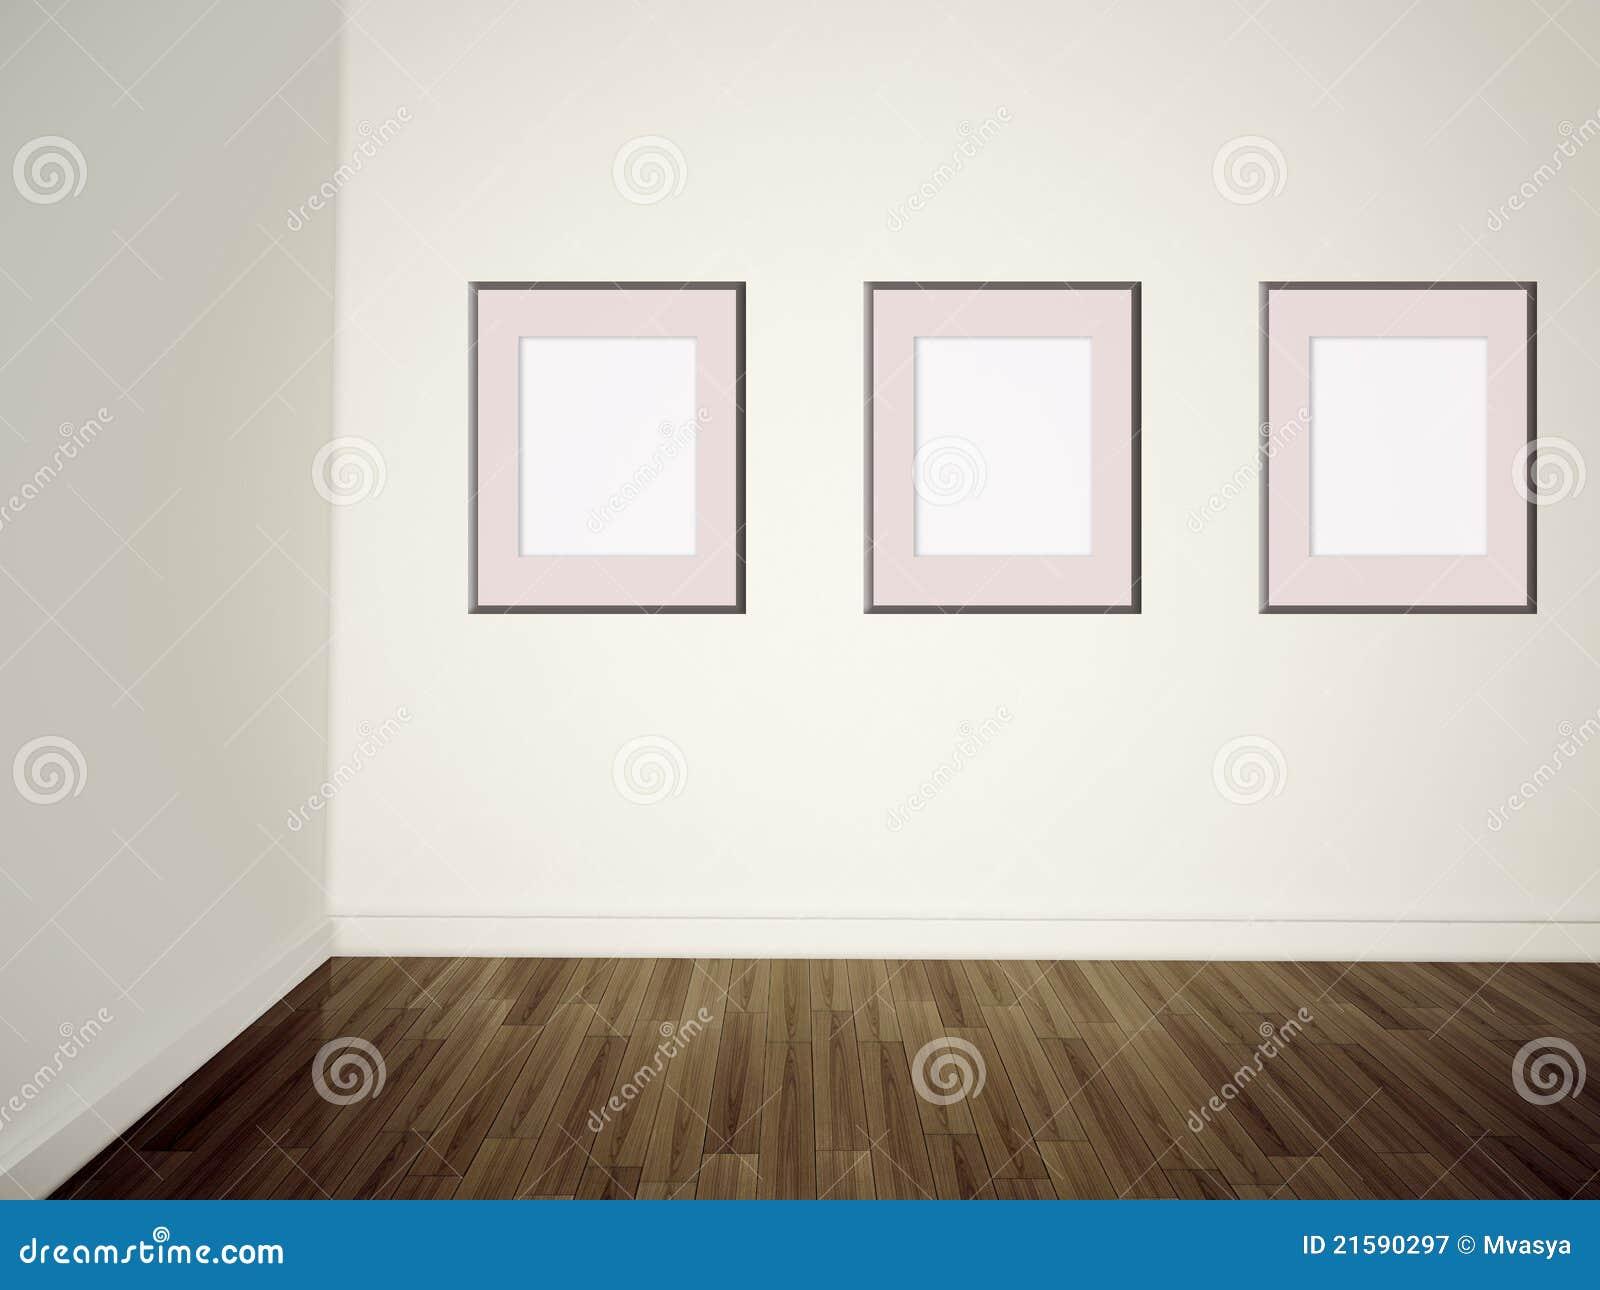 Cuadros vac os de la galer a de arte moderno en una pared - Cuadros murales para pared ...